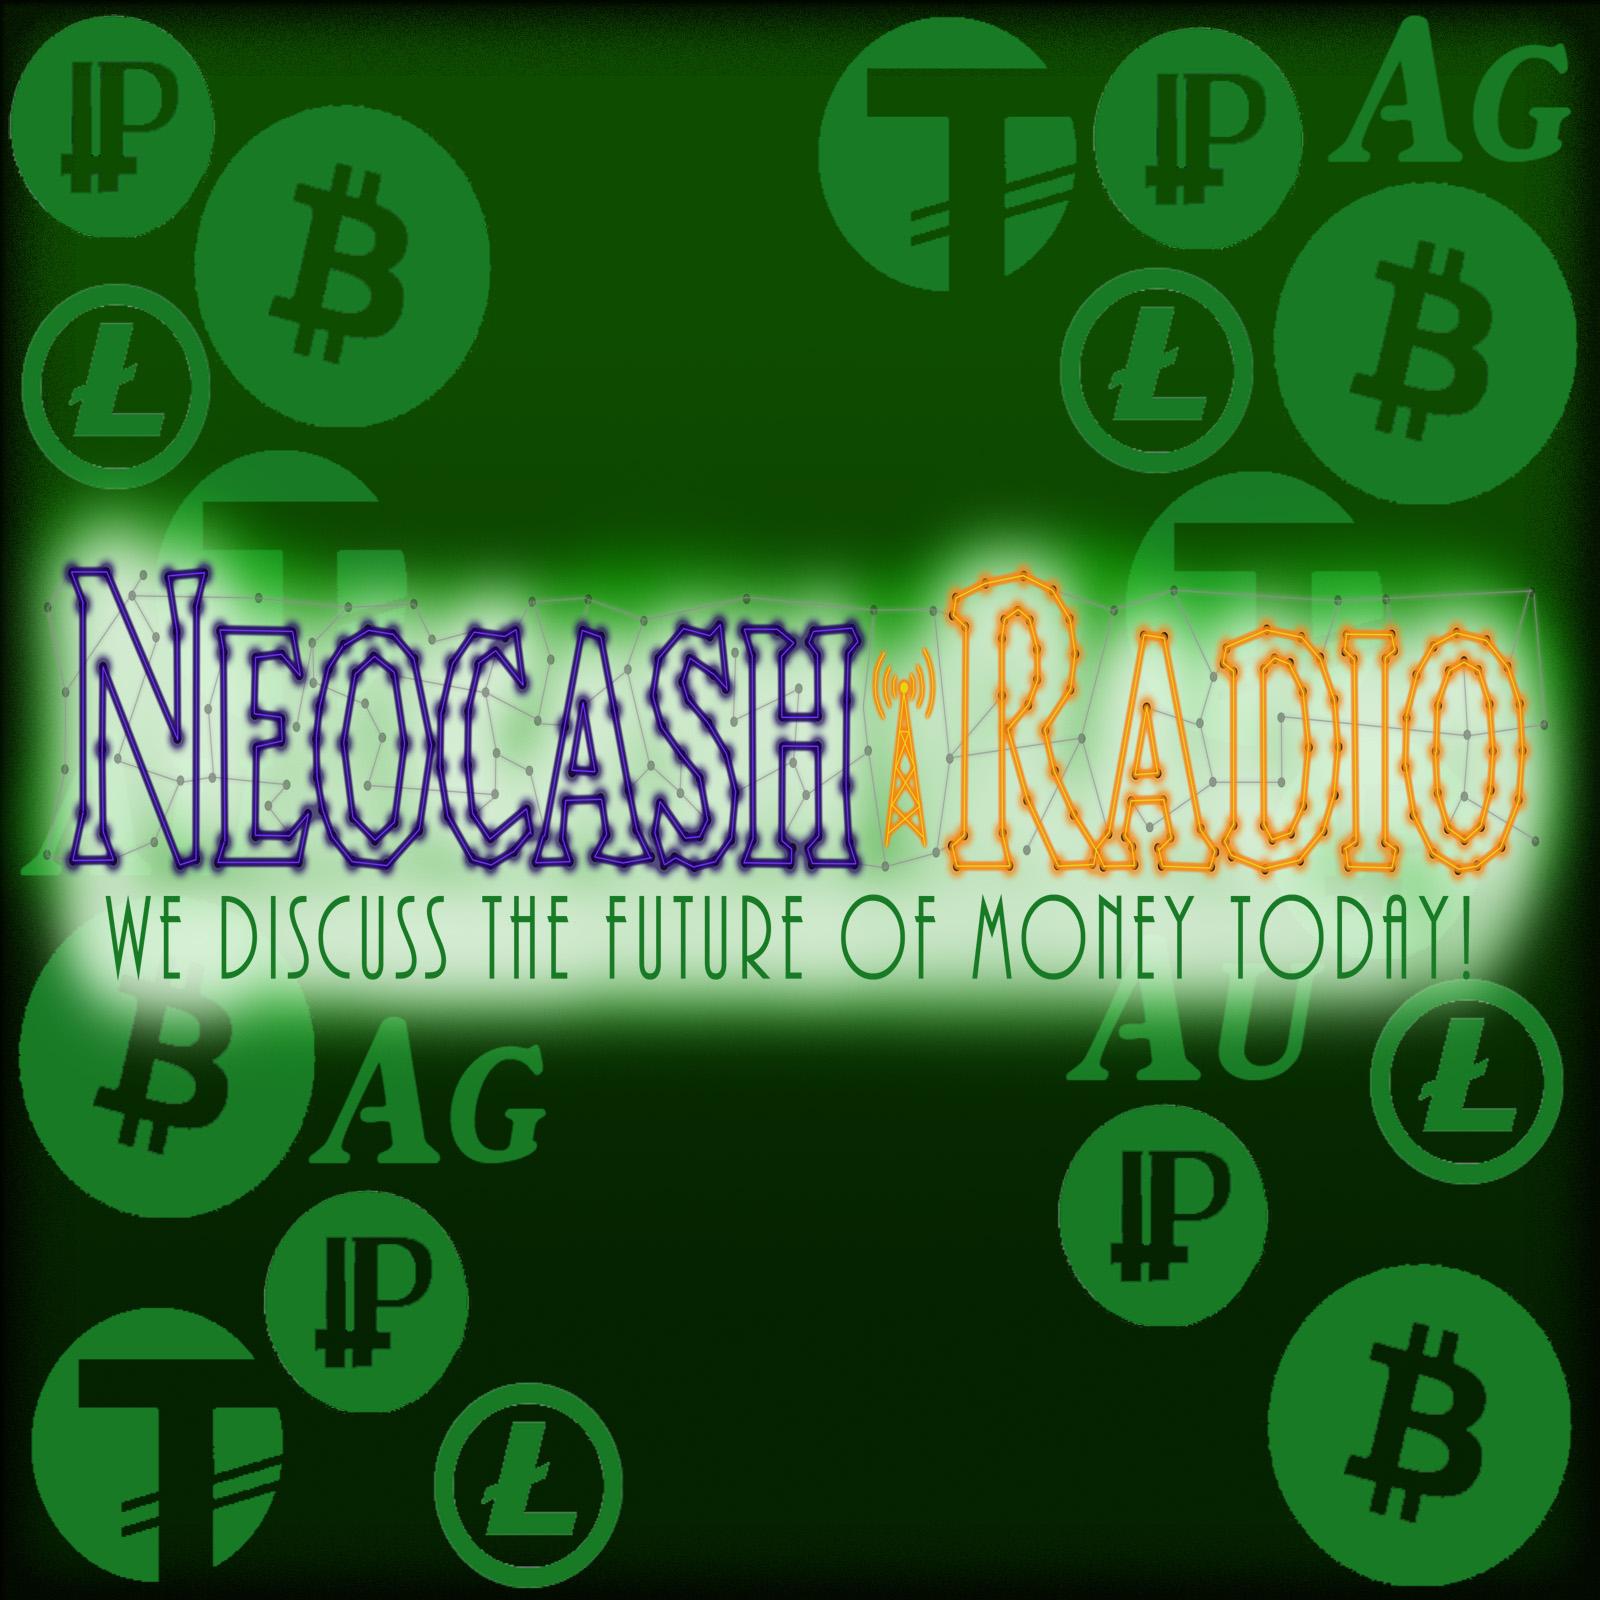 Neocash Radio - Episode 121